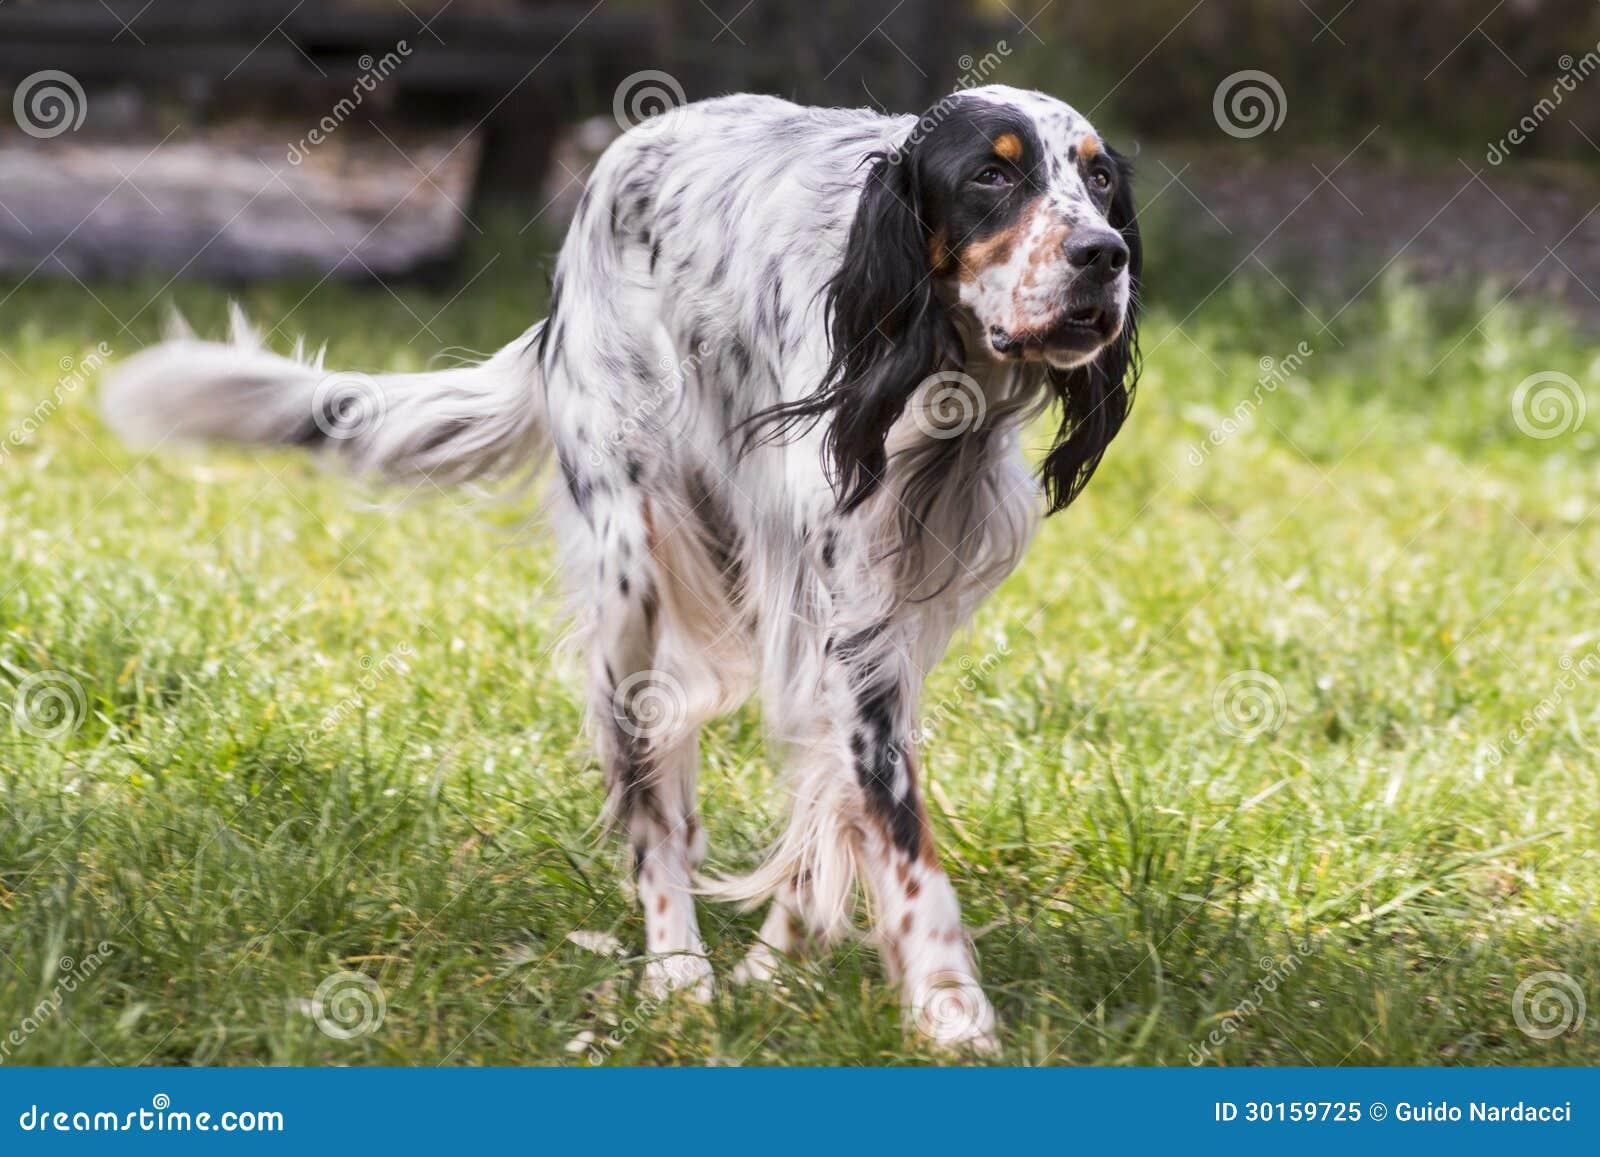 狗的种类傹.���/_安装员狗品种